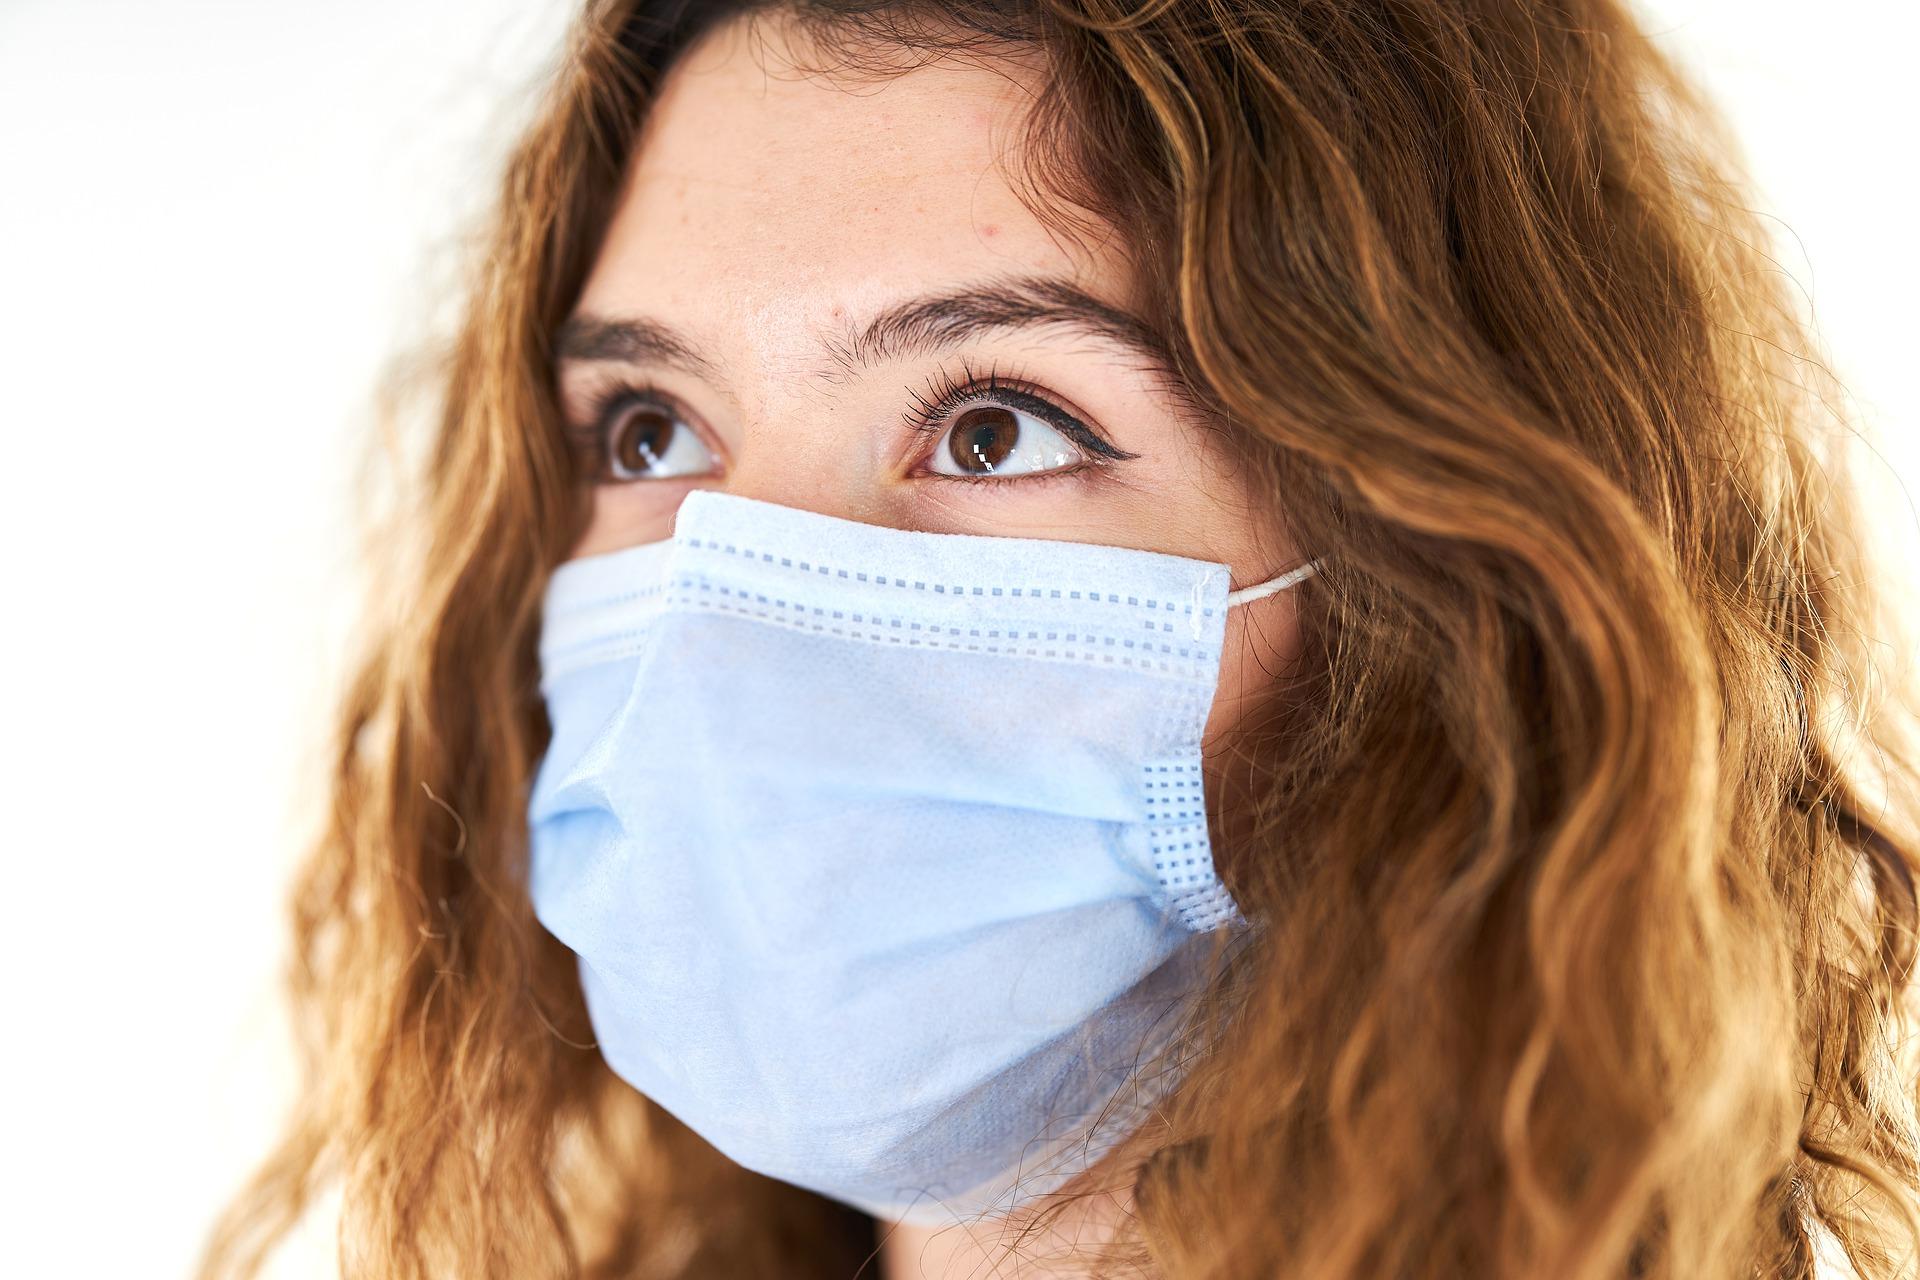 Notícia traz esperança de imunização contra a covid-19.